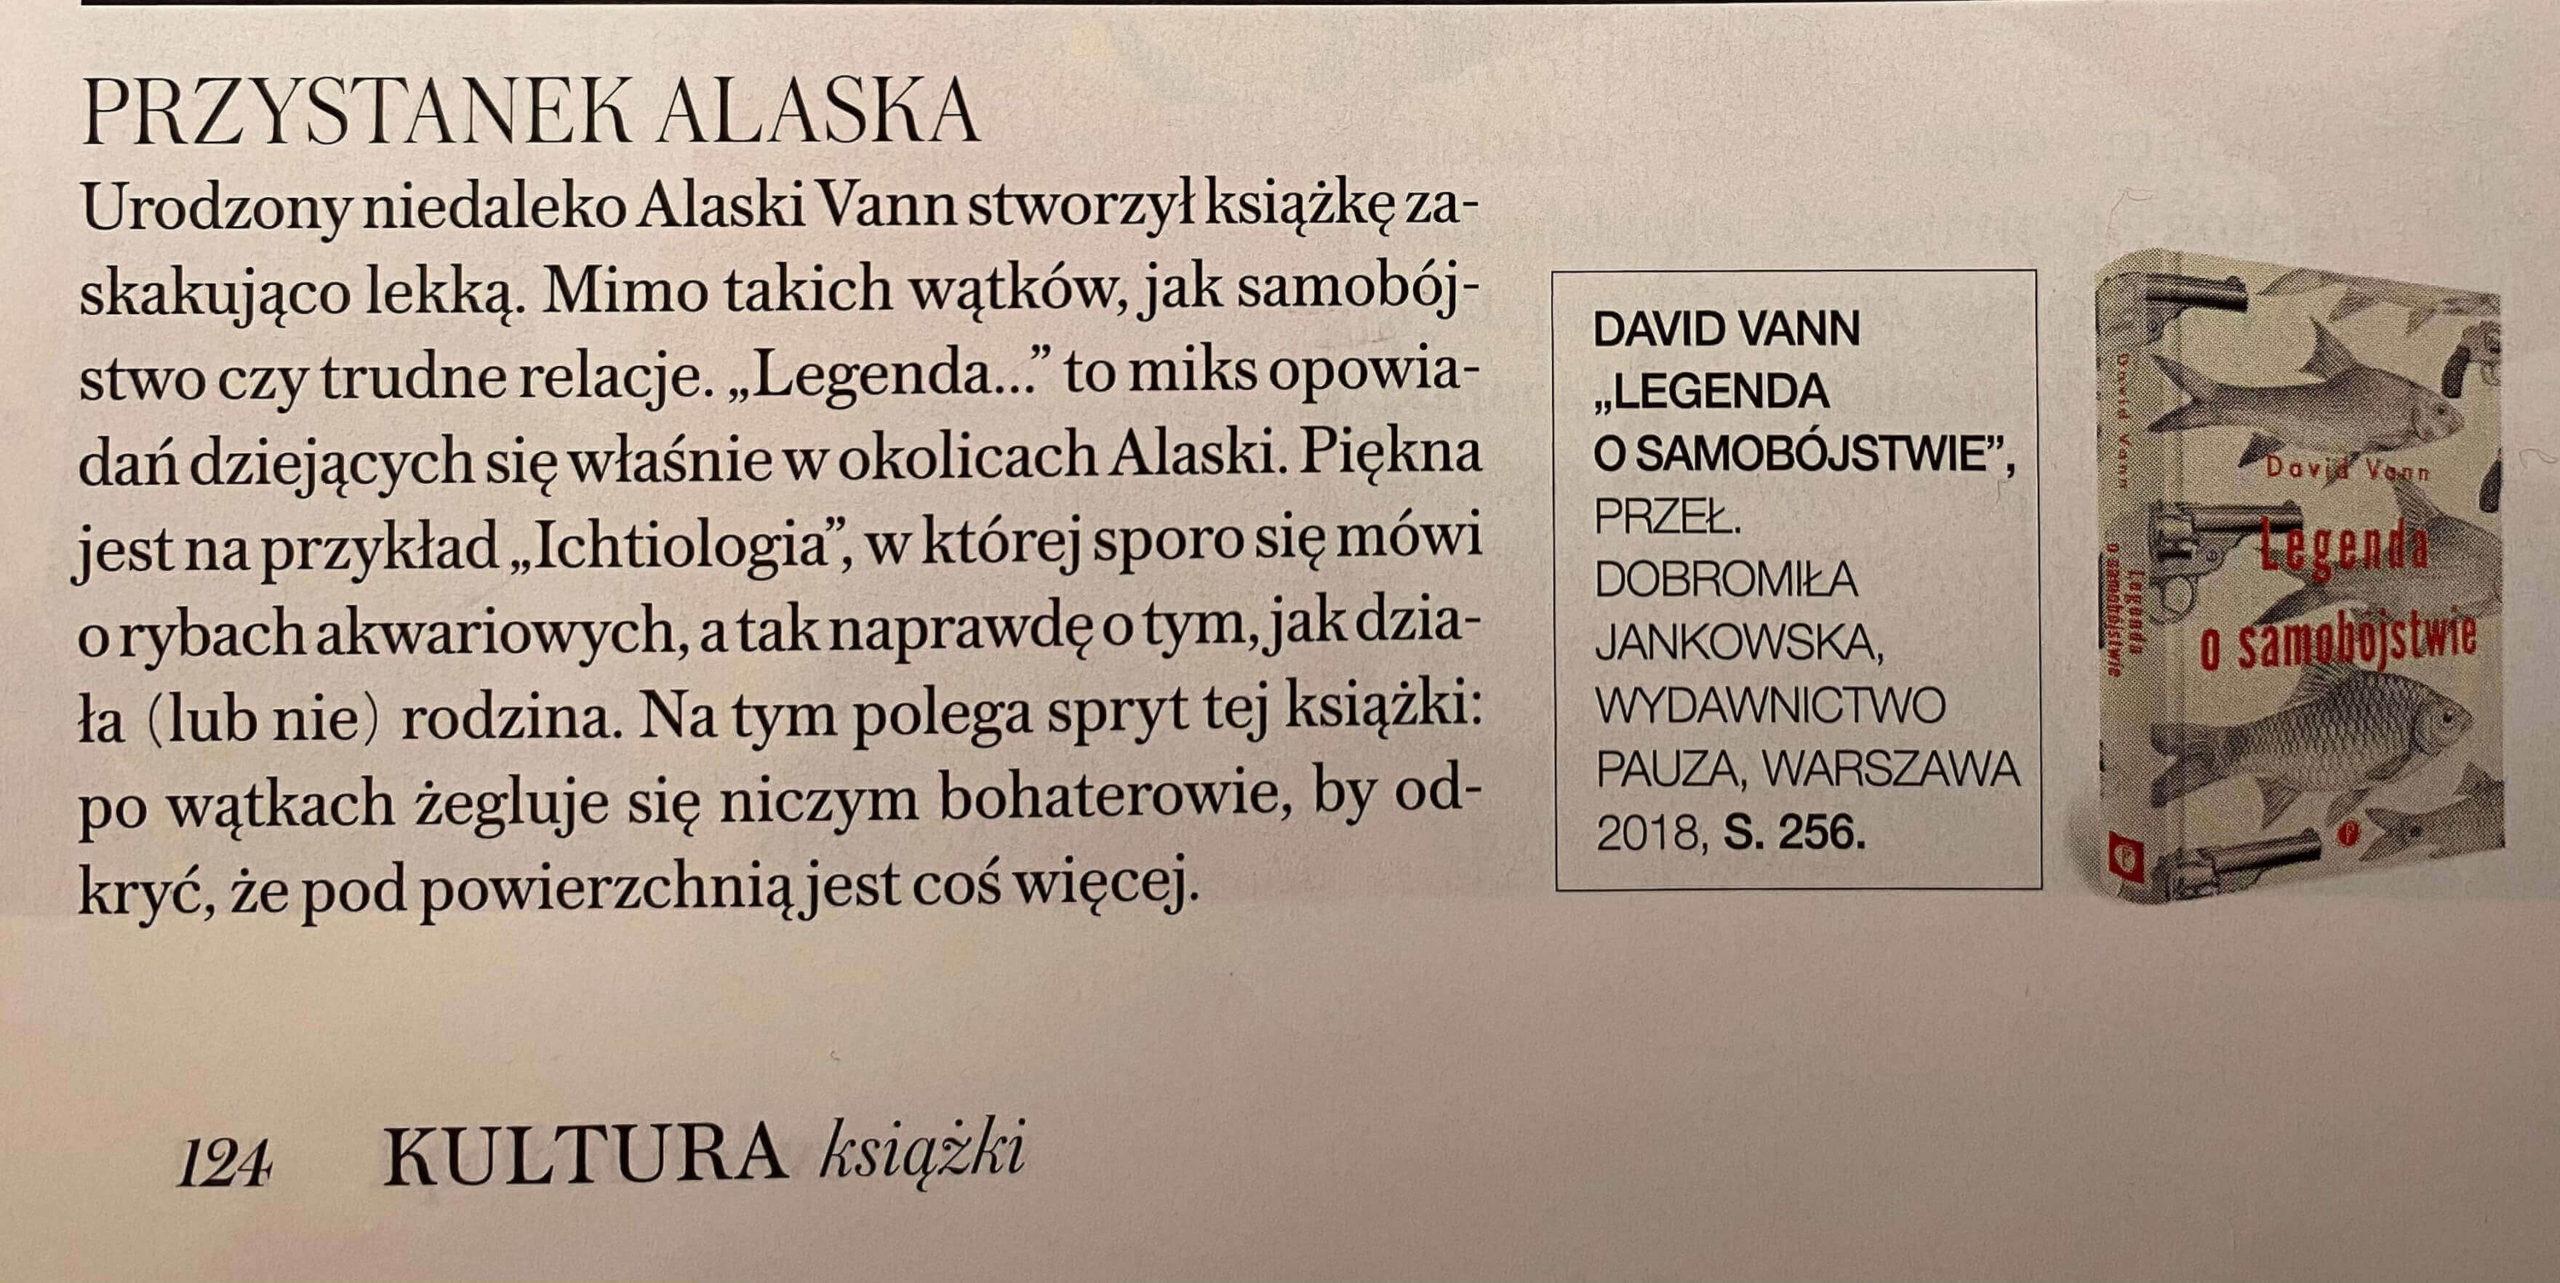 legenda o samobojstwie, wysokie obcasy, aleksandra żelazińska, luty 2018-2-2-2-2